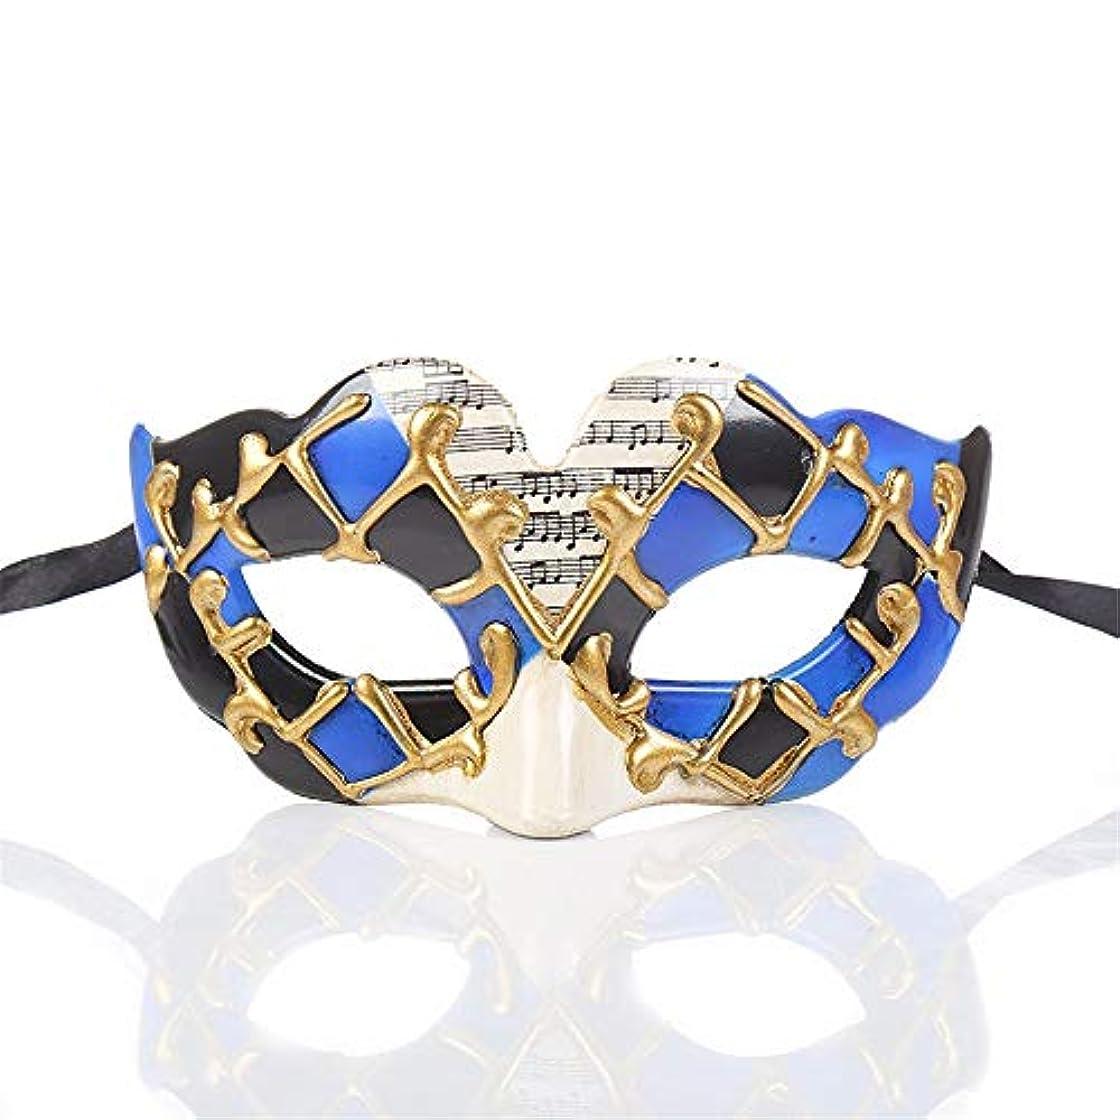 自伝放射性通常ダンスマスク パーティーCospalyマスクハロウィーンマスカレードデコレーションマスクフェスティバルプラスチックマスク ホリデーパーティー用品 (色 : 青, サイズ : 14.5x7.5cm)